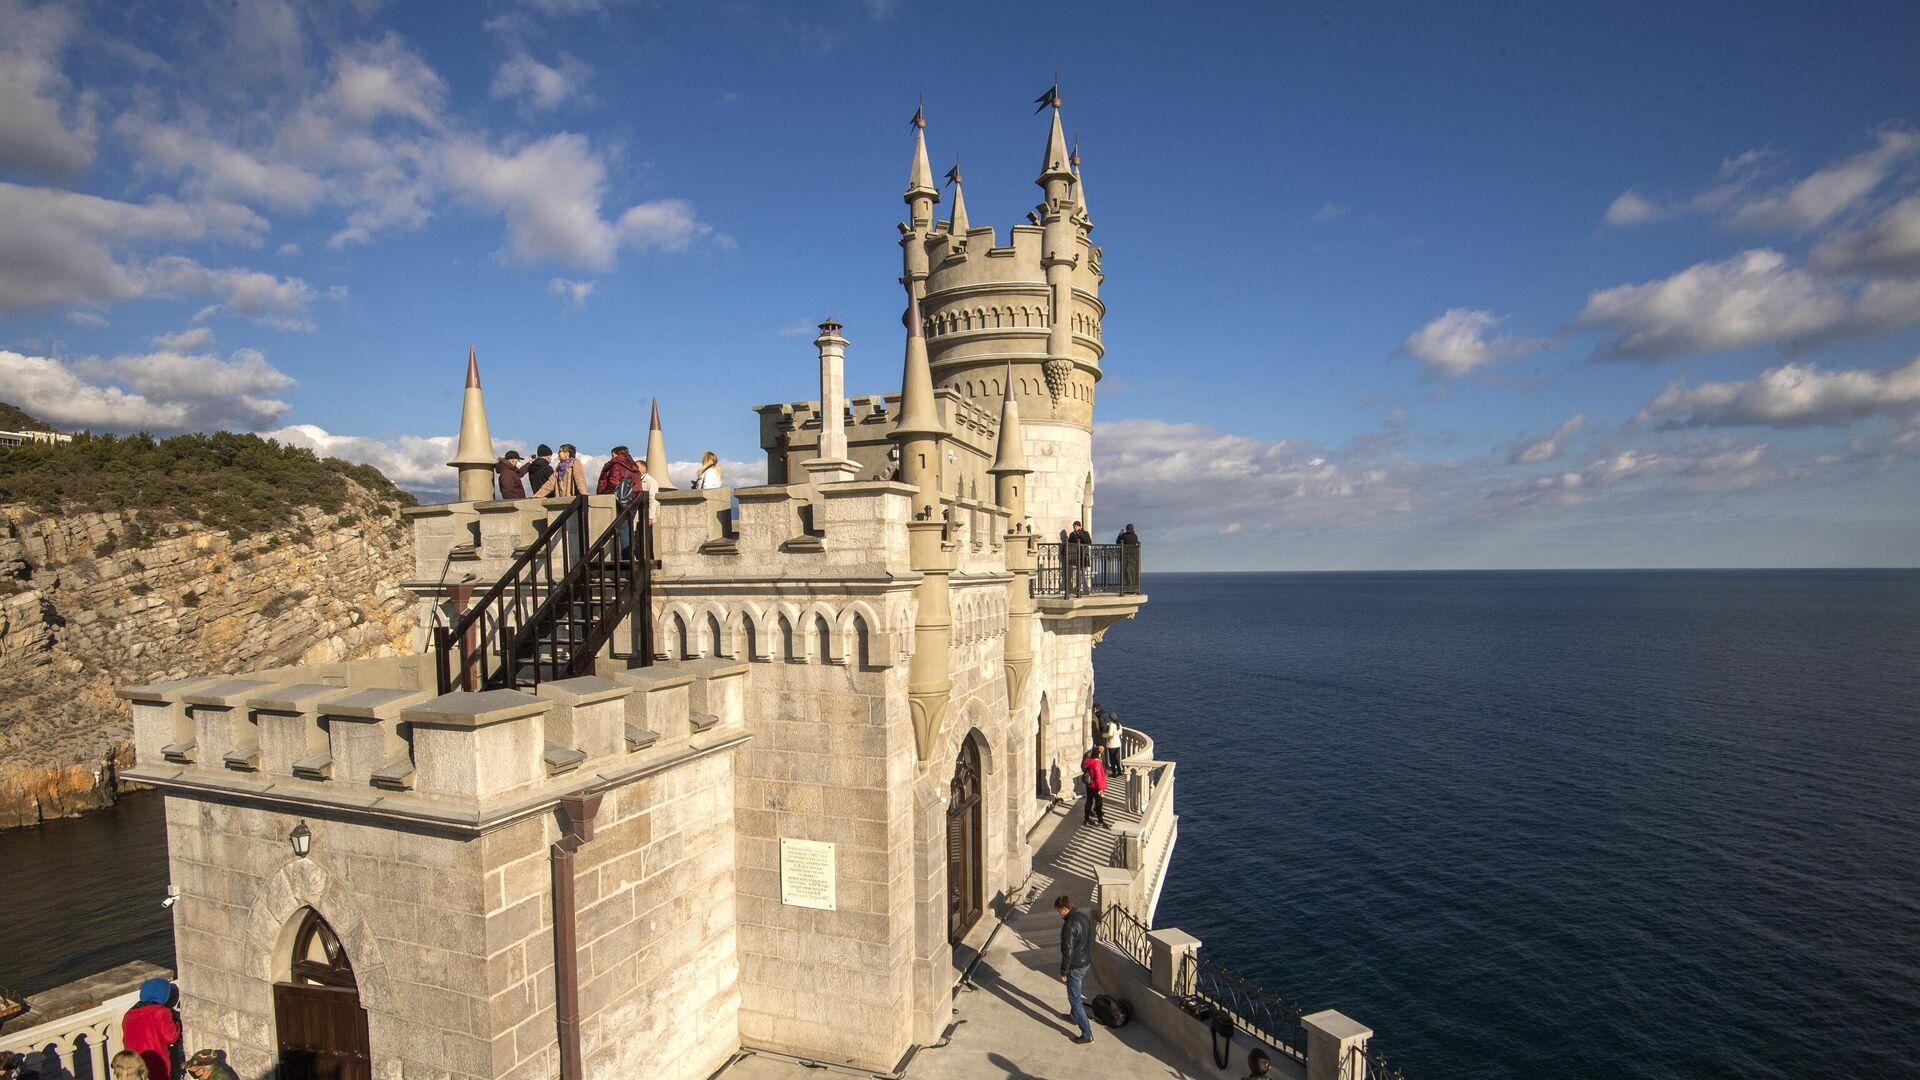 Дворец-замок Ласточкино гнездо в Крыму - РИА Новости, 1920, 27.02.2021